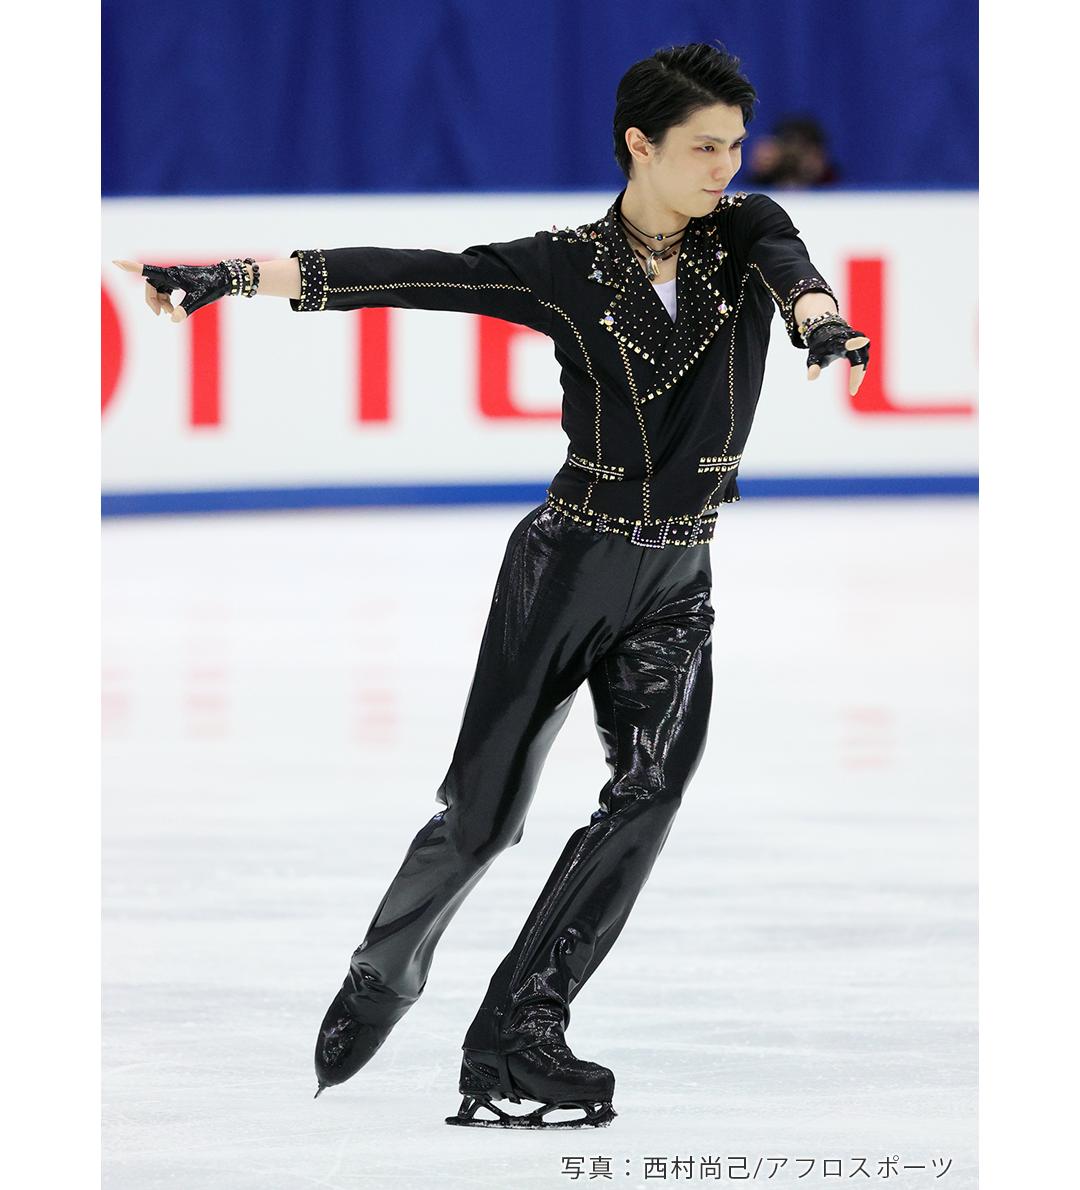 全日本選手権2020でSP「Let Me Entertain You」で会場を盛り上げる羽生結弦選手